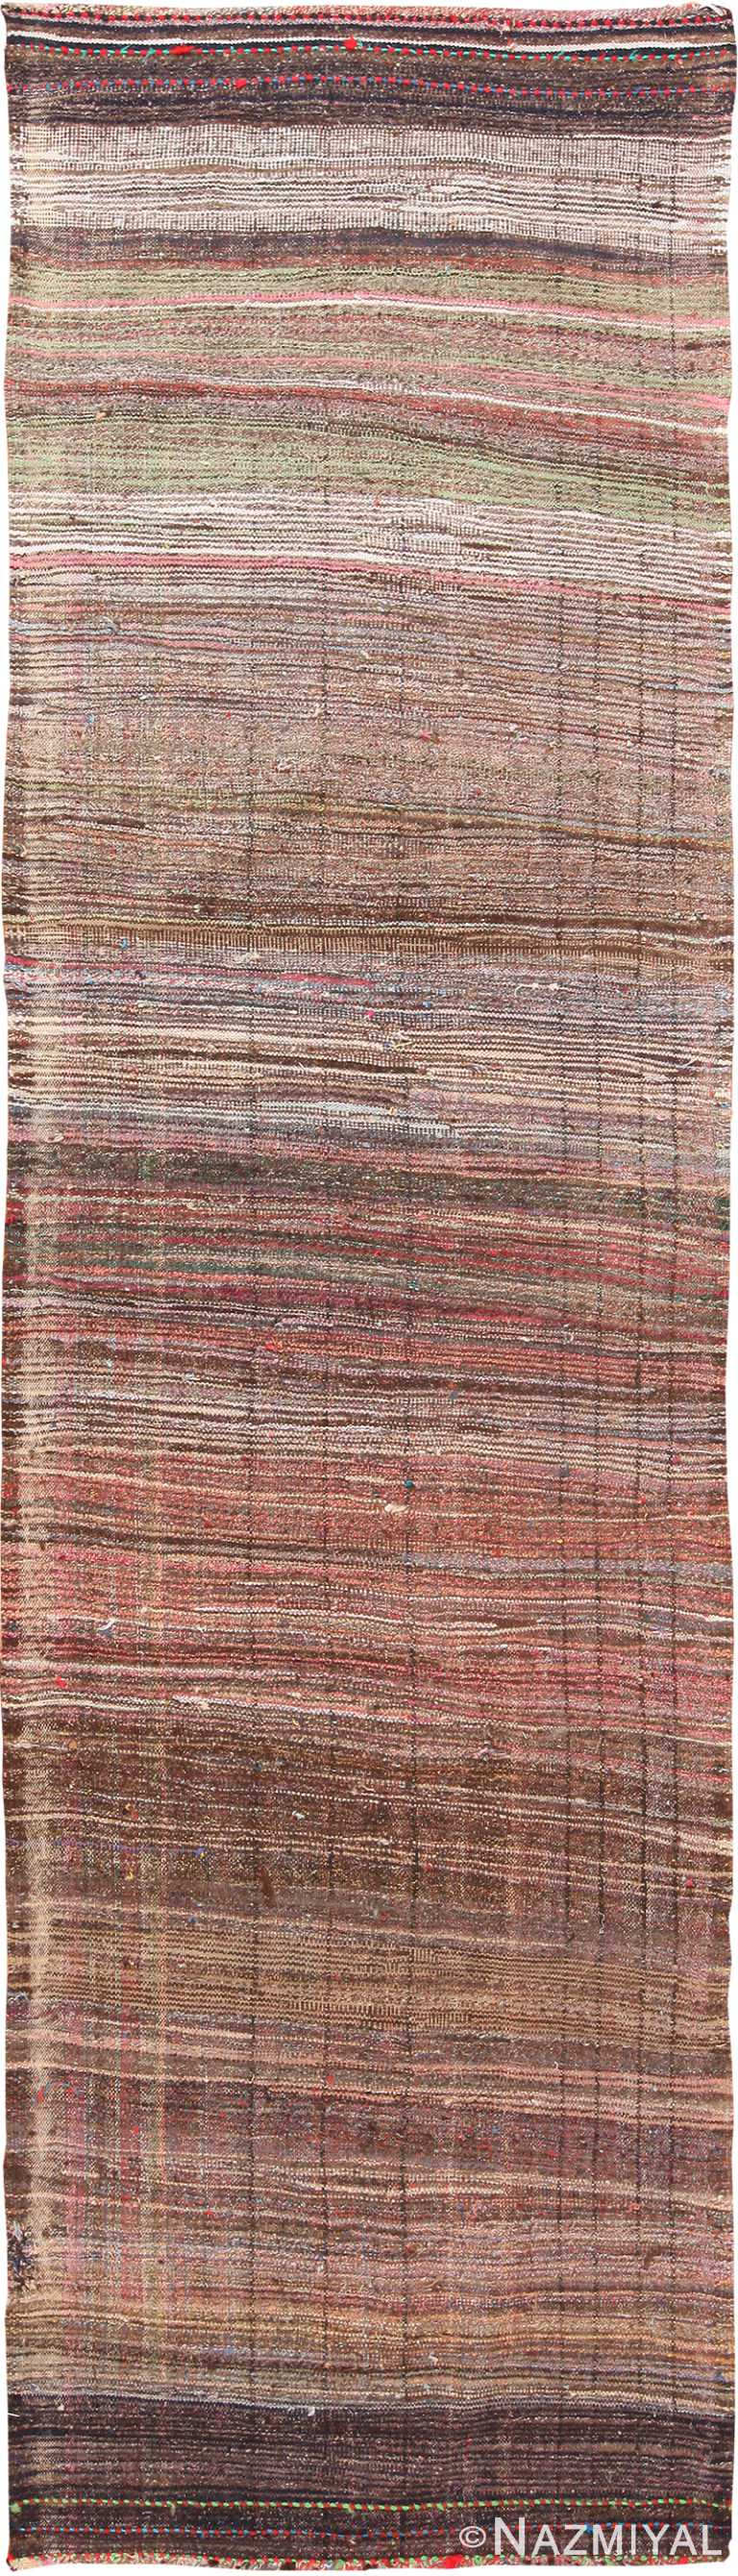 Brown Vintage Persian Kilim Runner Rug 60367 by Nazmiyal NYC